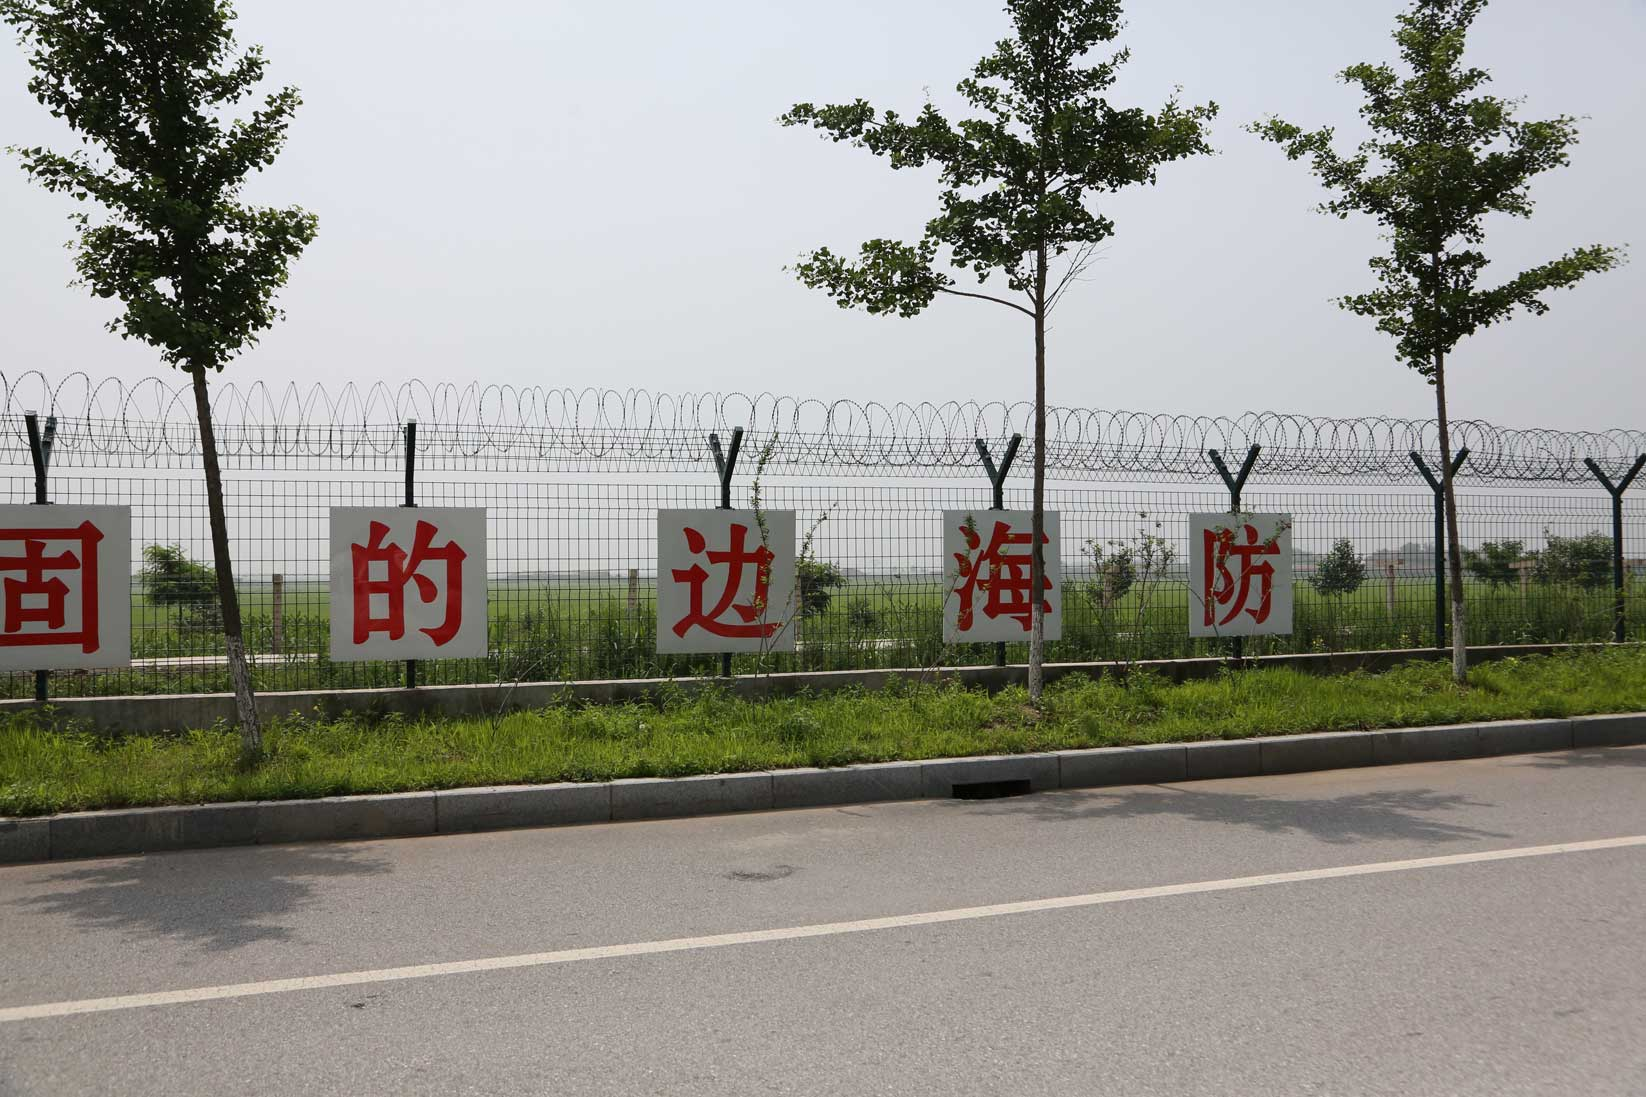 中朝陸の国境では兵士も農民も目と鼻の先(遼寧省丹東市)_b0235153_155617.jpg